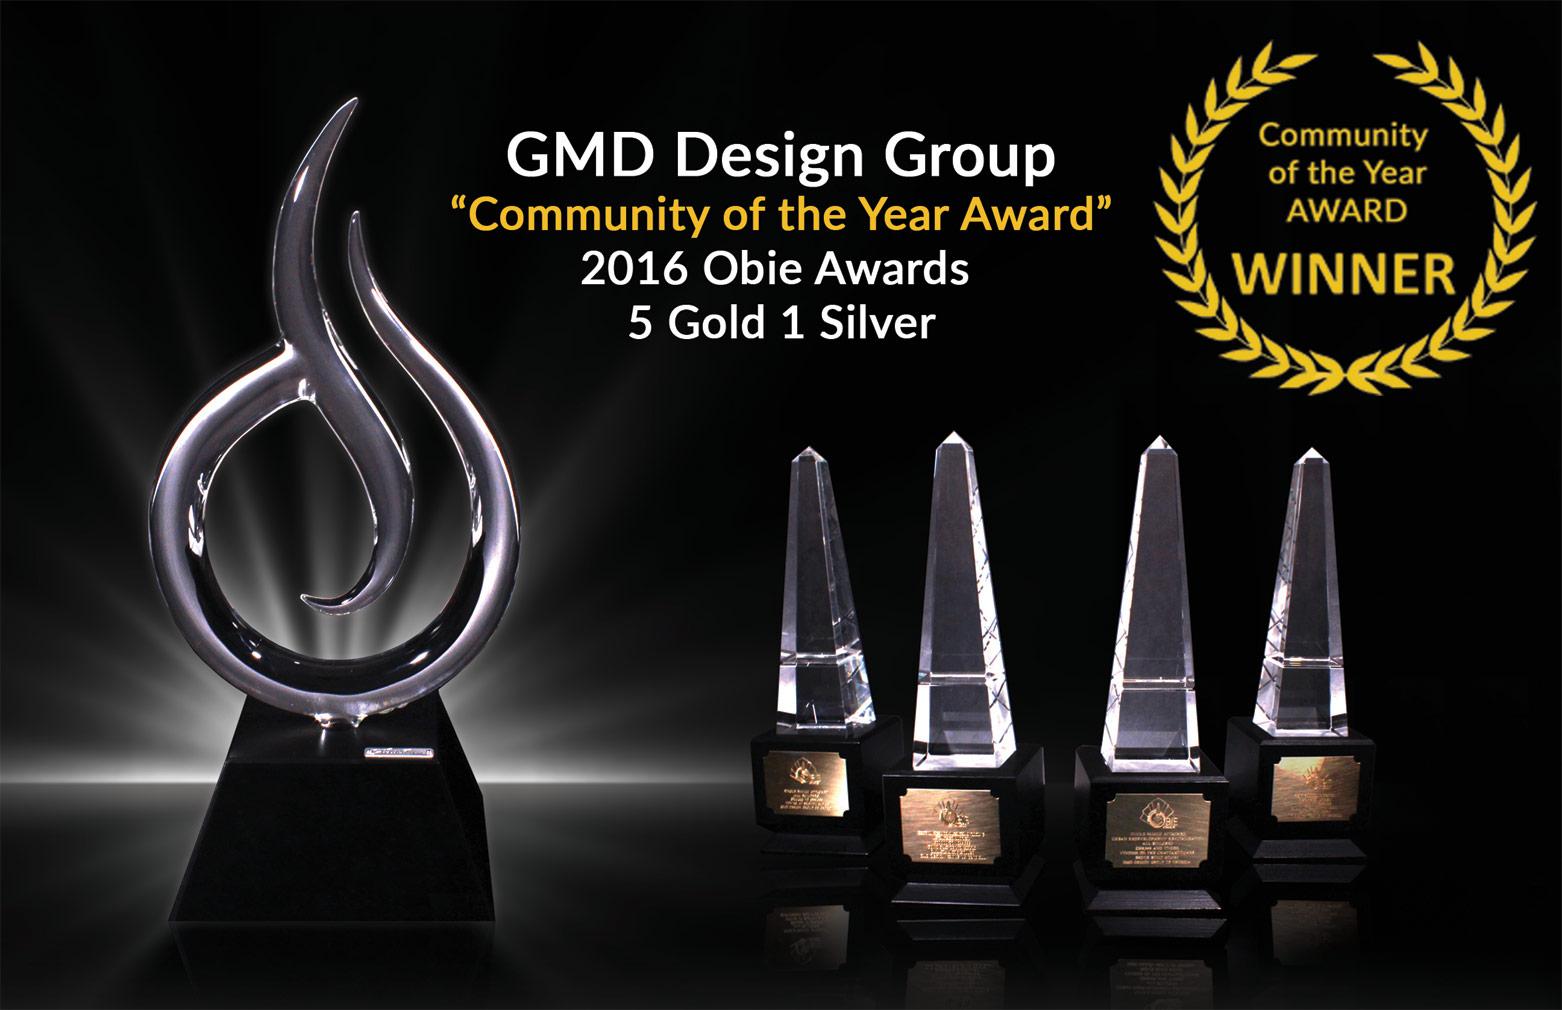 GMD Obie Awards